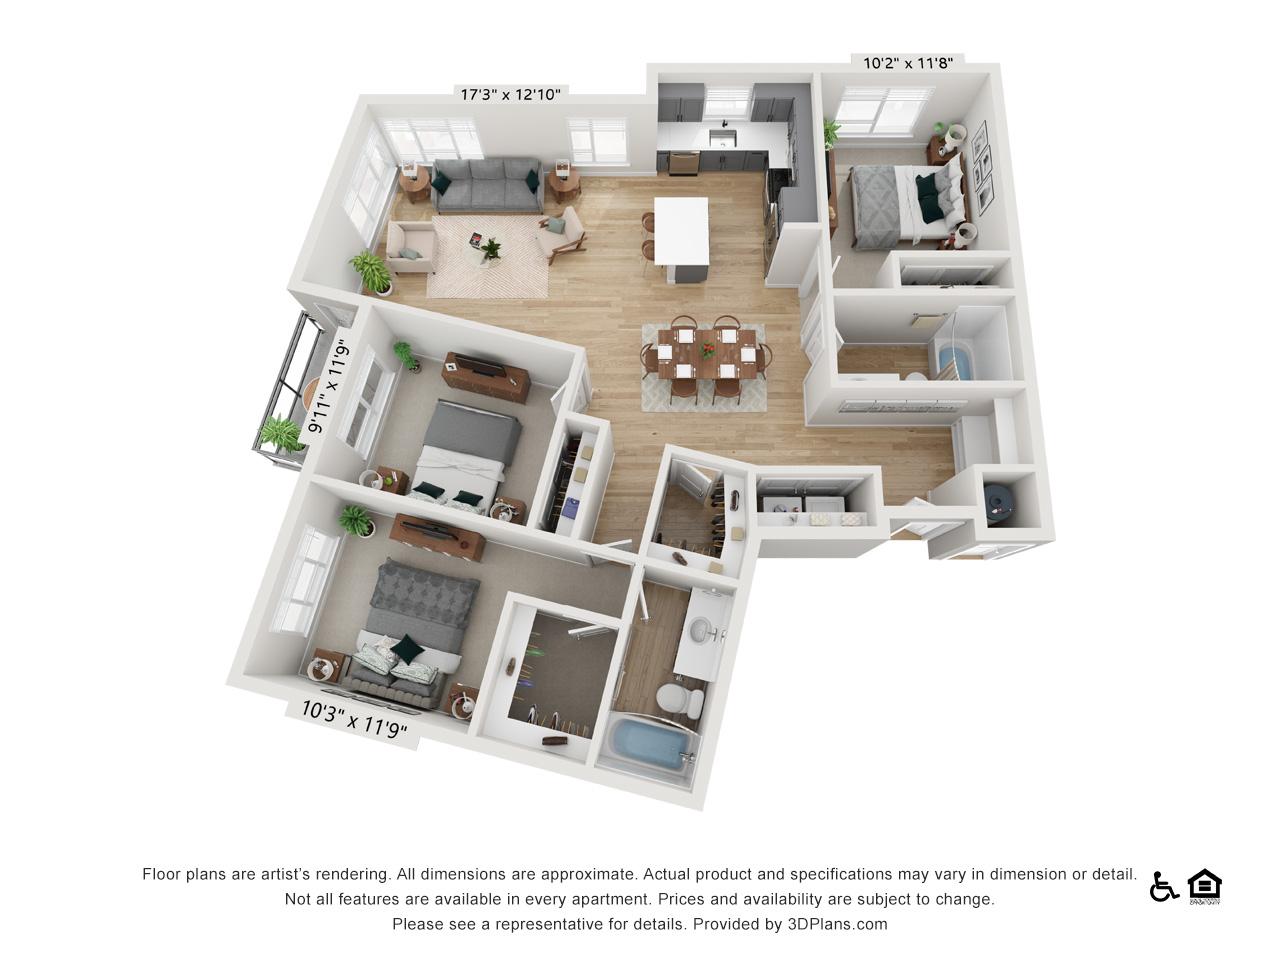 Three Bedroom C | 3 Bedrooms | 2 Bathrooms | 1,420 sq ft